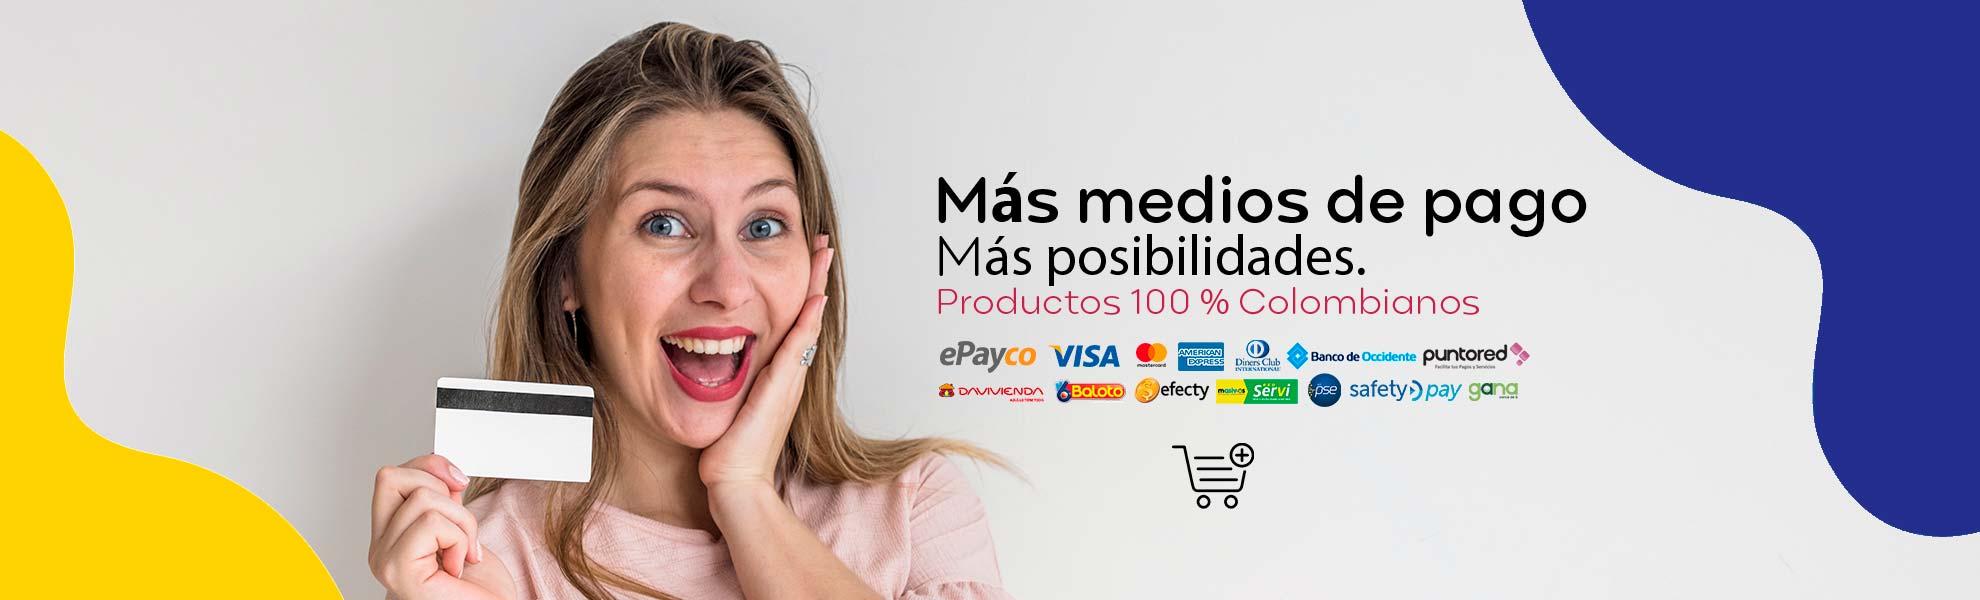 Banner-metodos-de-pago